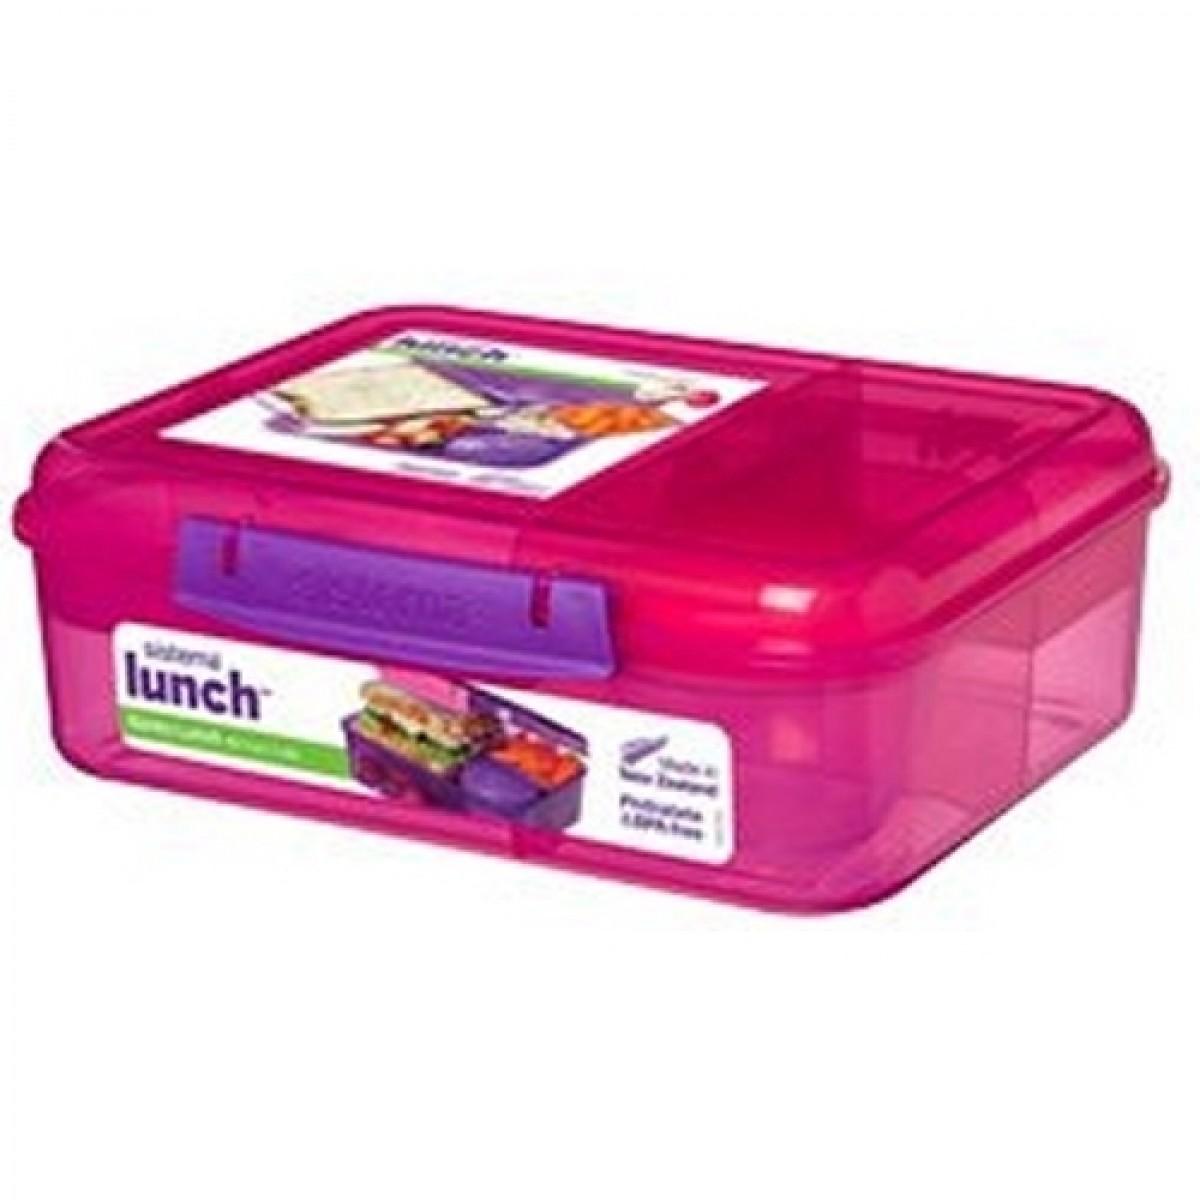 SISTEMA Madkasse bento box lunch pink 1,65 ltr